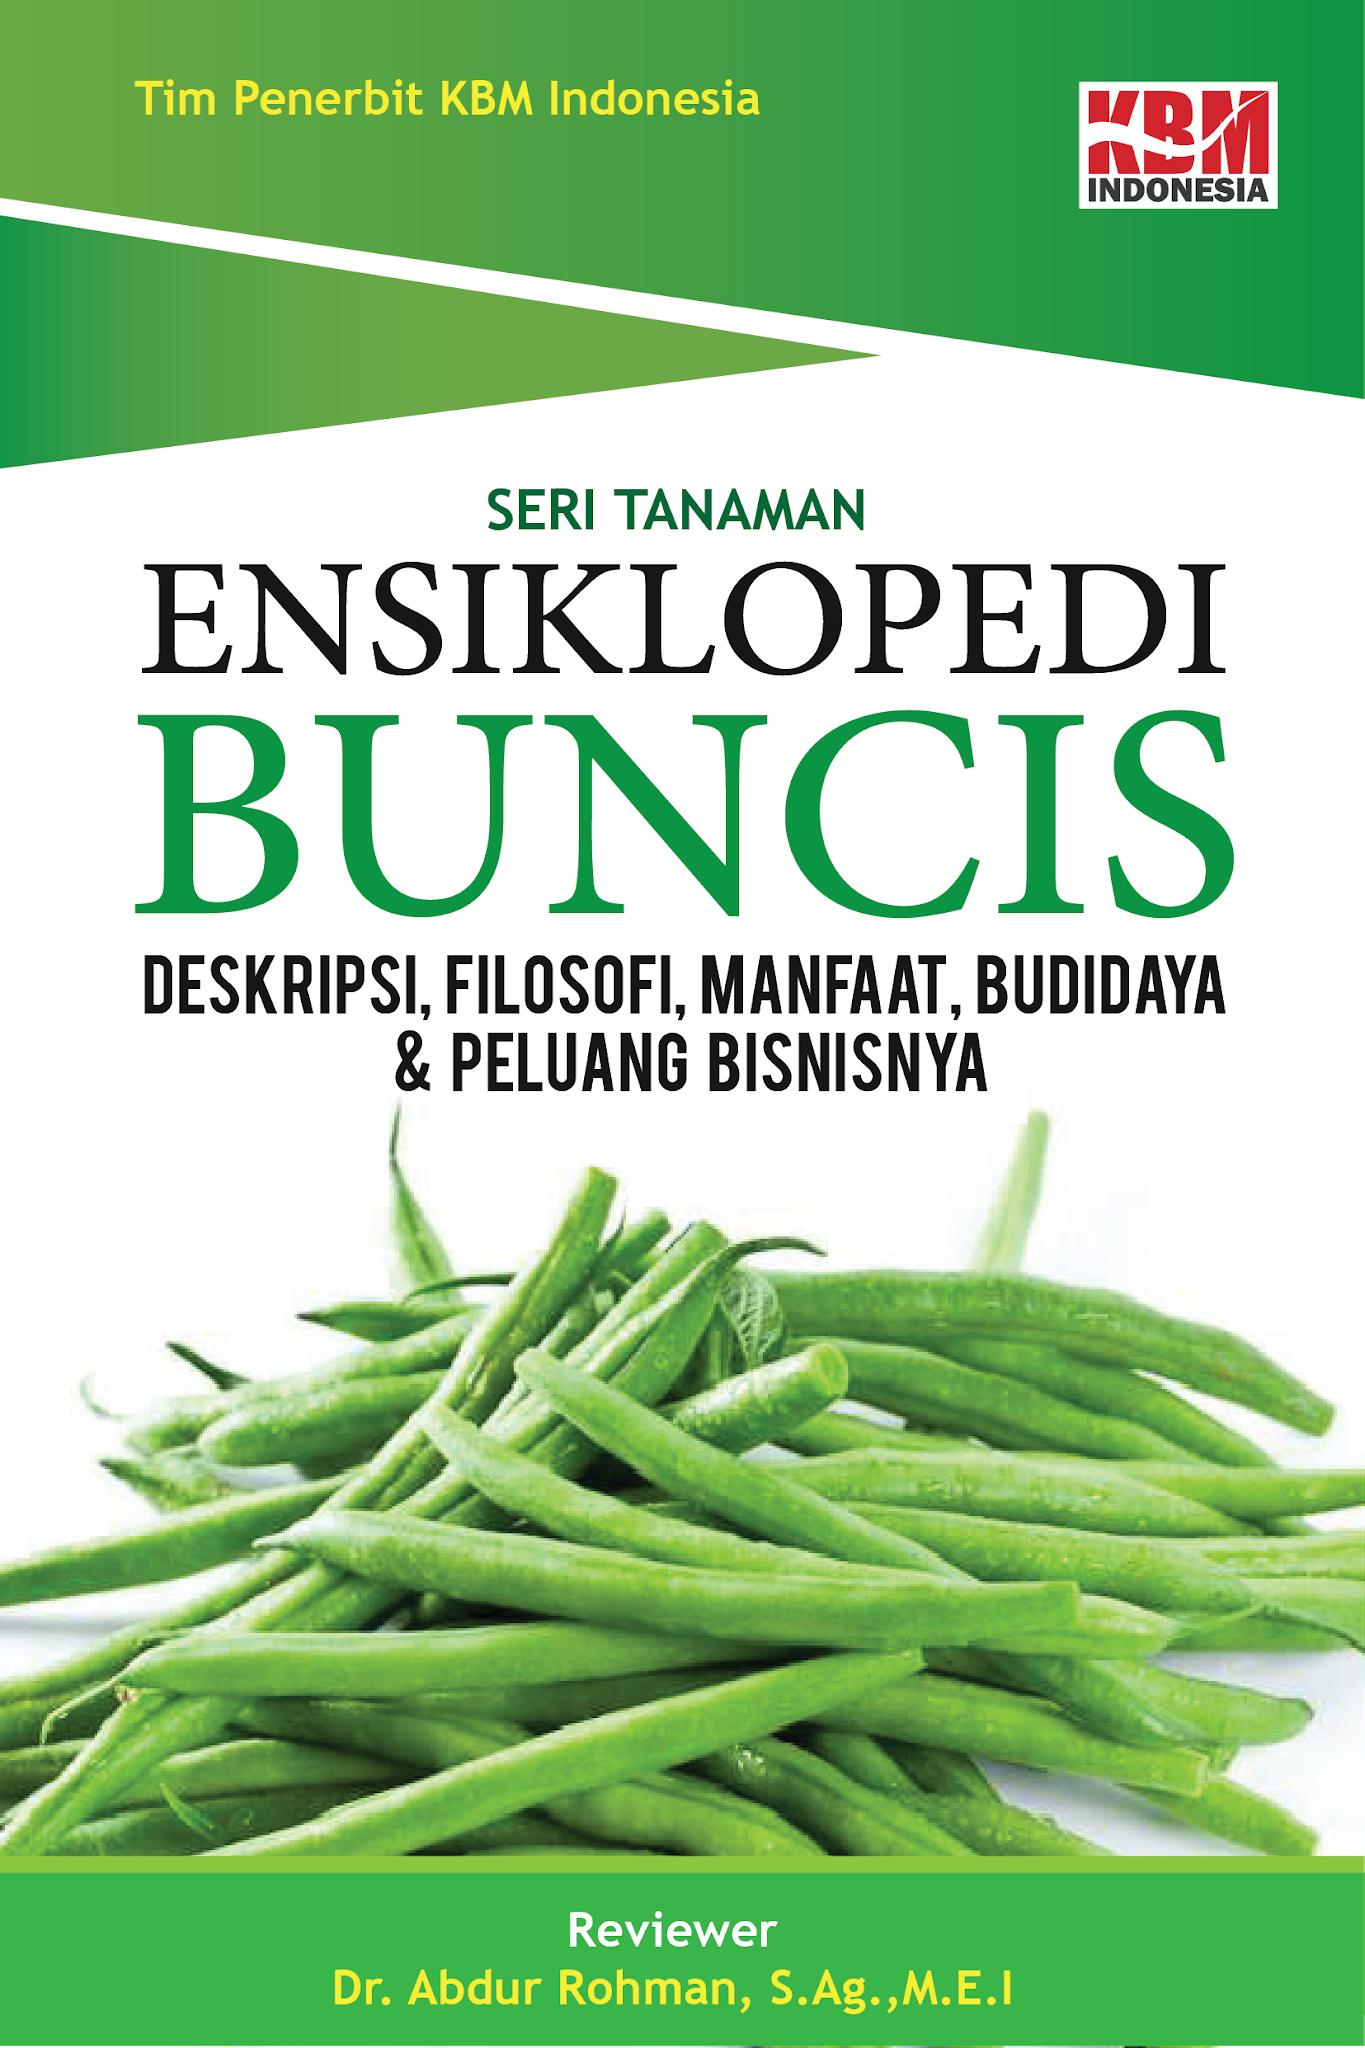 ENSIKLOPEDI BUNCIS (Deskripsi, Filosofi, Manfaat, Budidaya dan Peluang Bisnisnya)